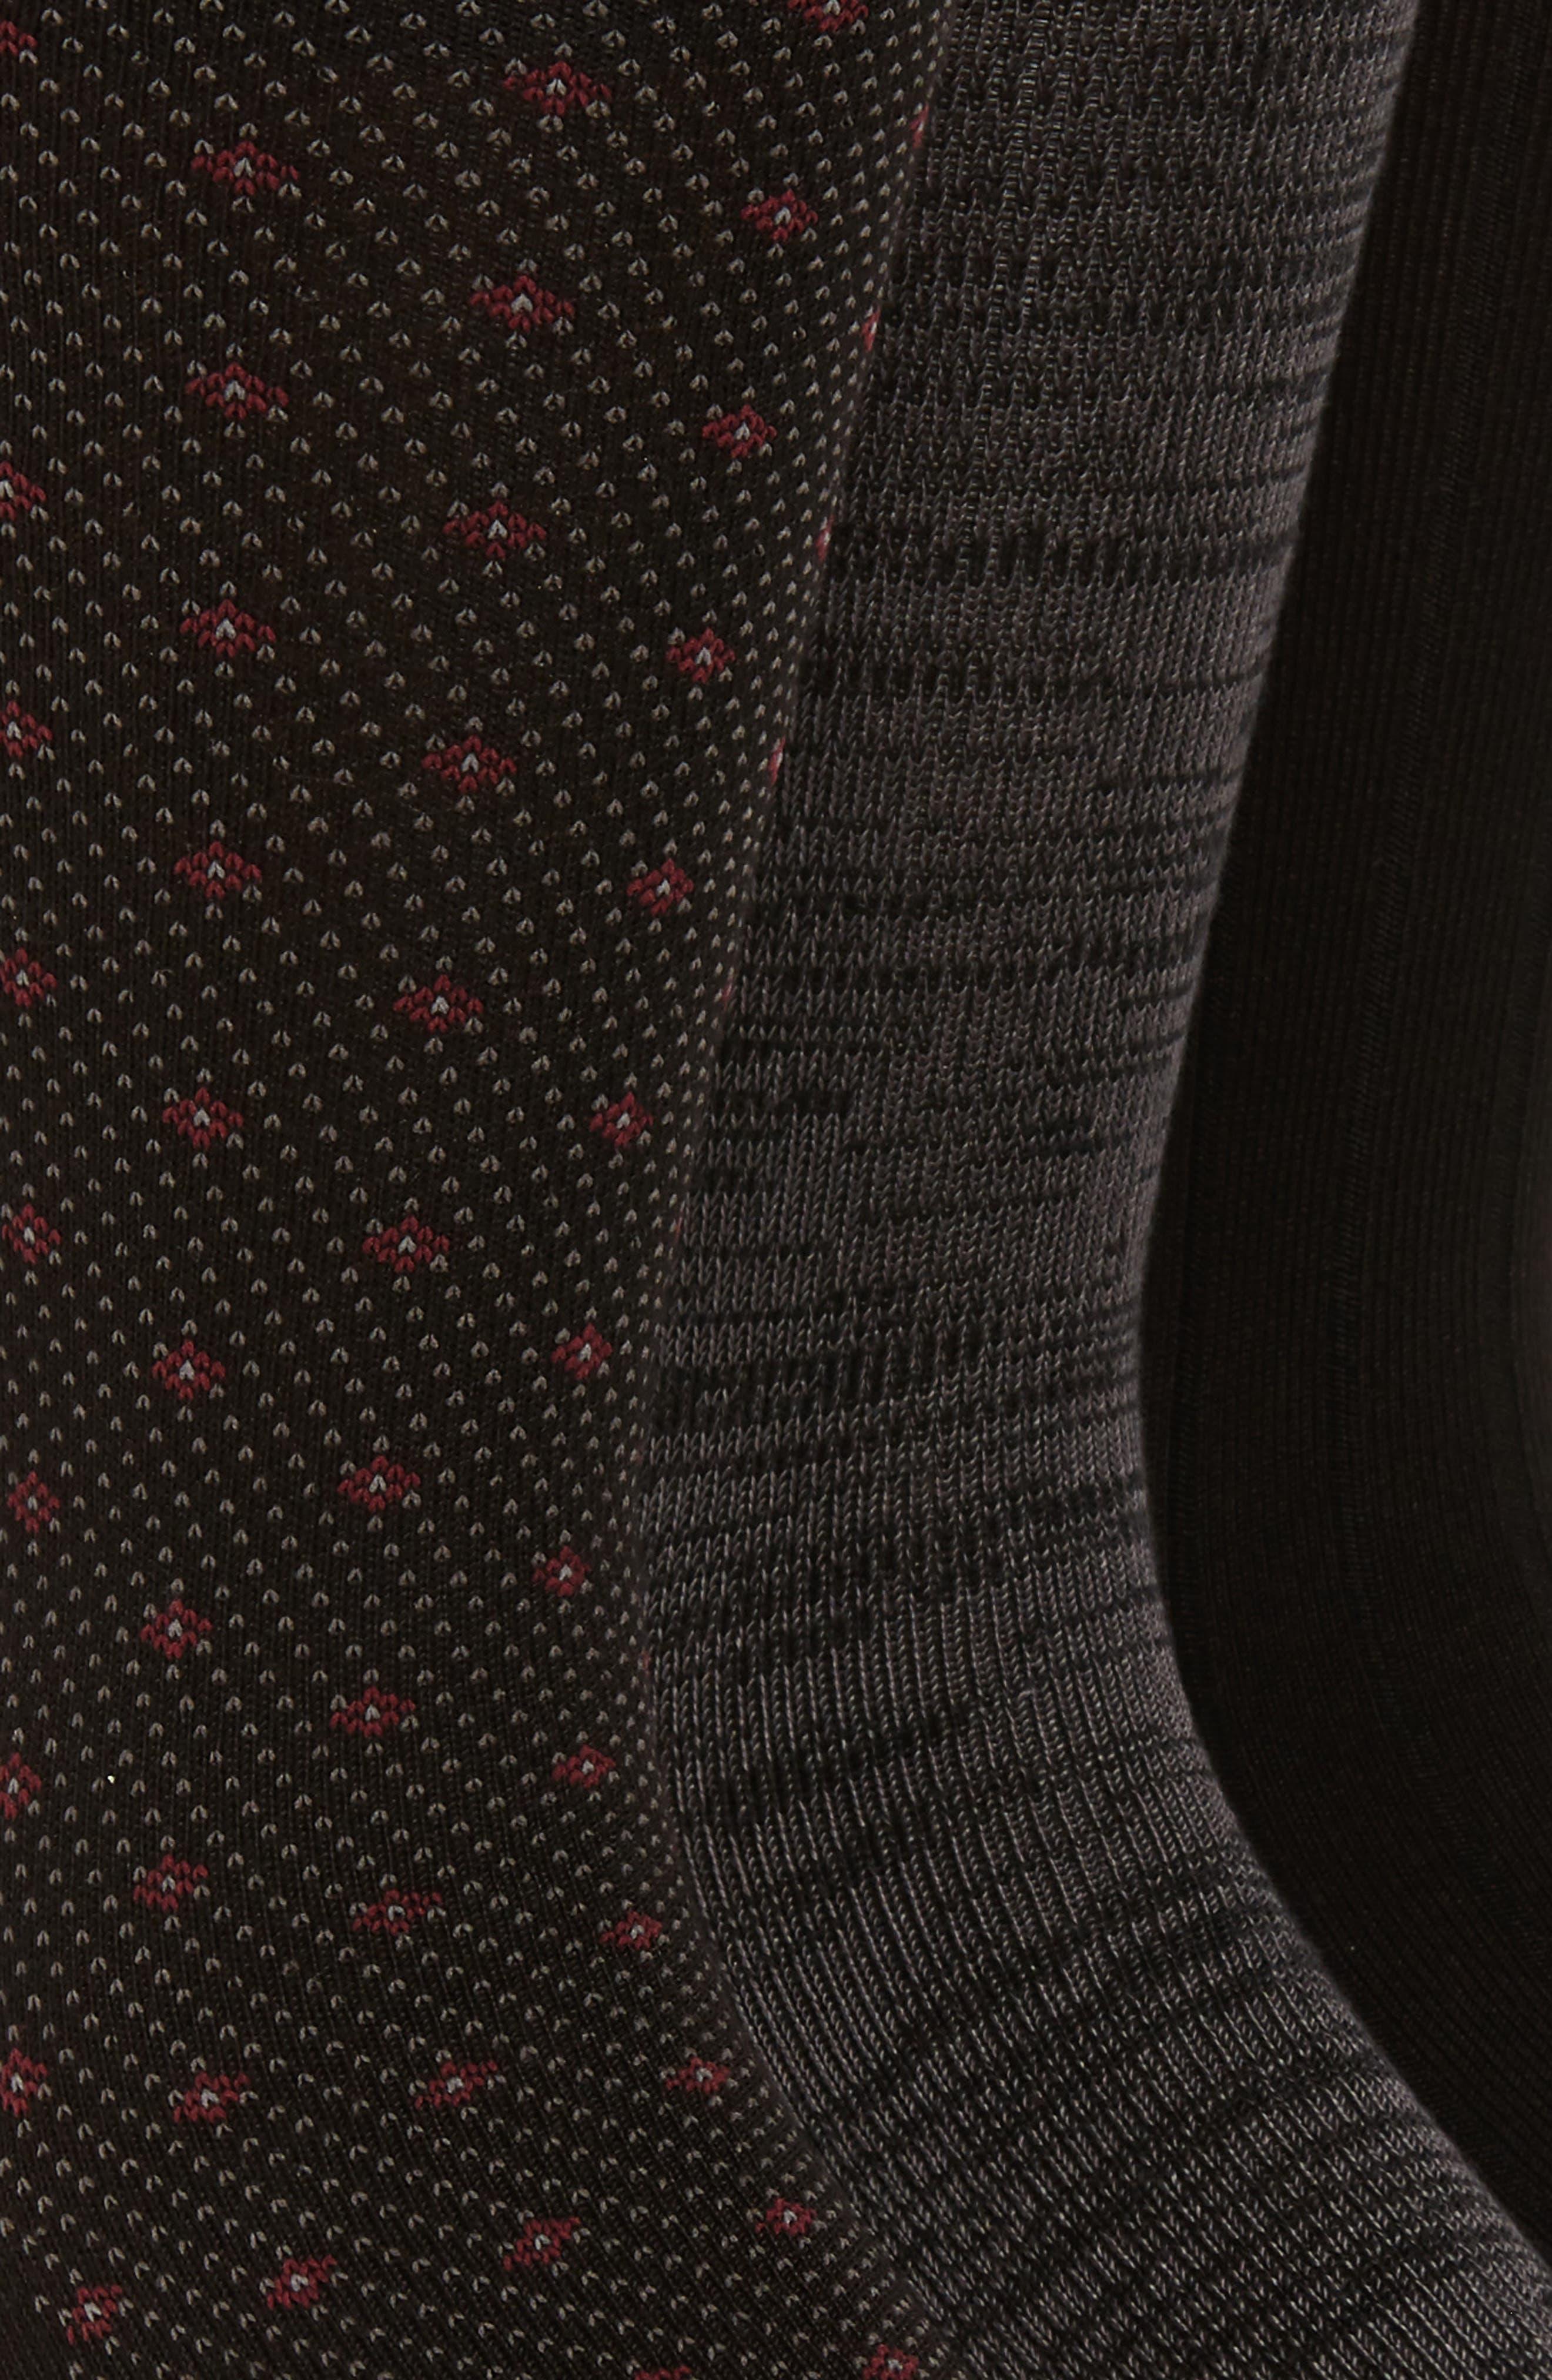 POLO RALPH LAUREN, Supersoft Diamond Dot Assorted 3-Pack Socks, Alternate thumbnail 2, color, BLACK